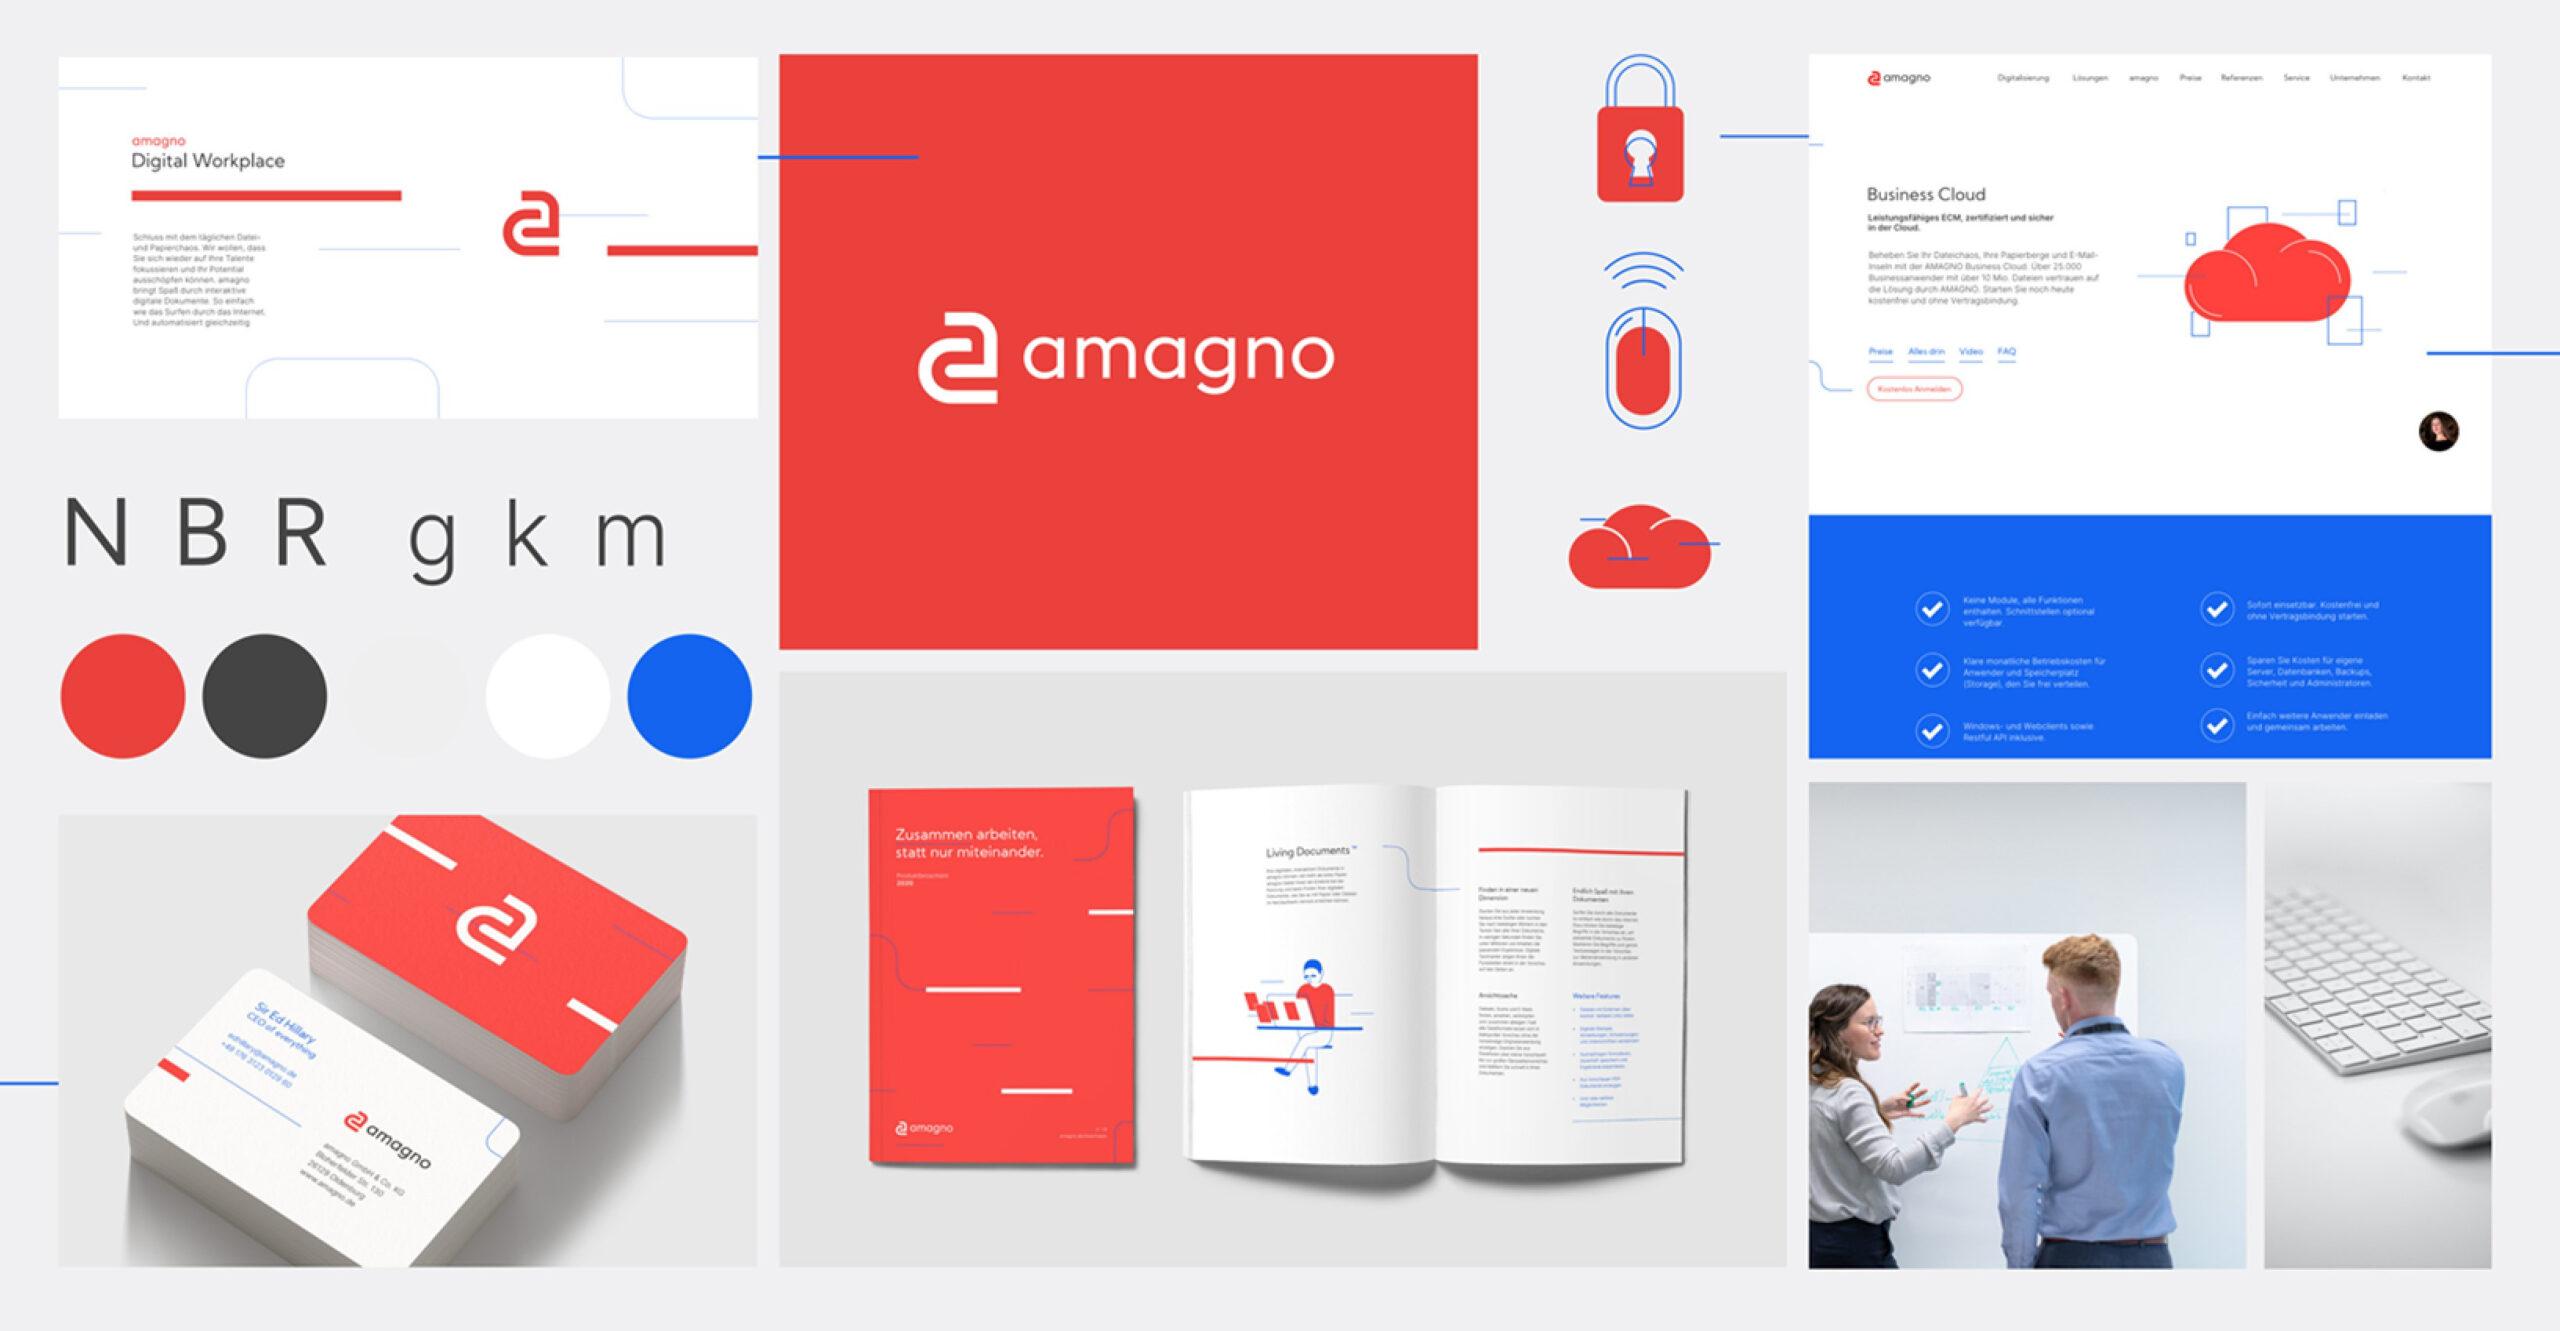 Fahrplan für die Zukunft: Amagno Agenda 202x